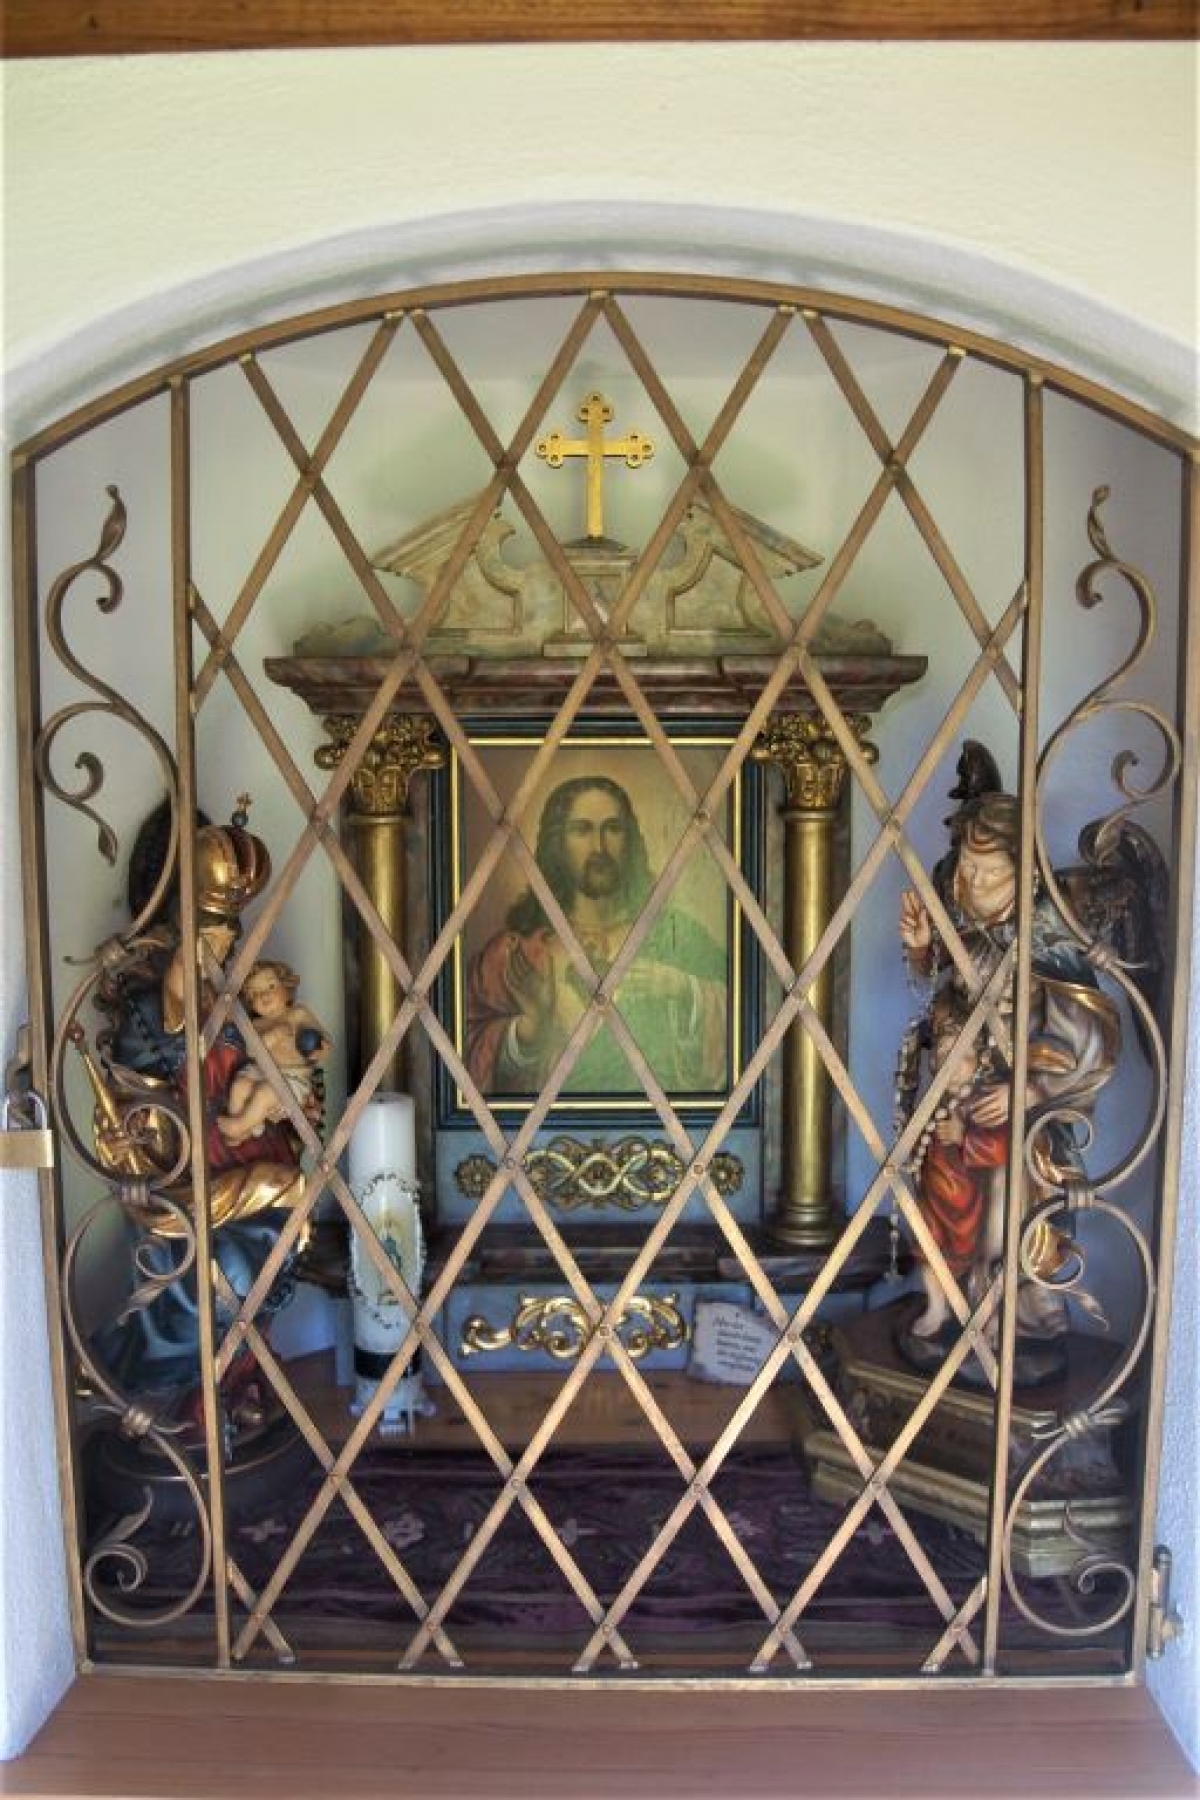 Das Herz-Jesu-Bild ist zentraler Punkt des Altars, seitlich davon stehen Statuen der Muttergottes und des Erzengels Raphael, dem die Kapelle in Hoggen geweiht ist.